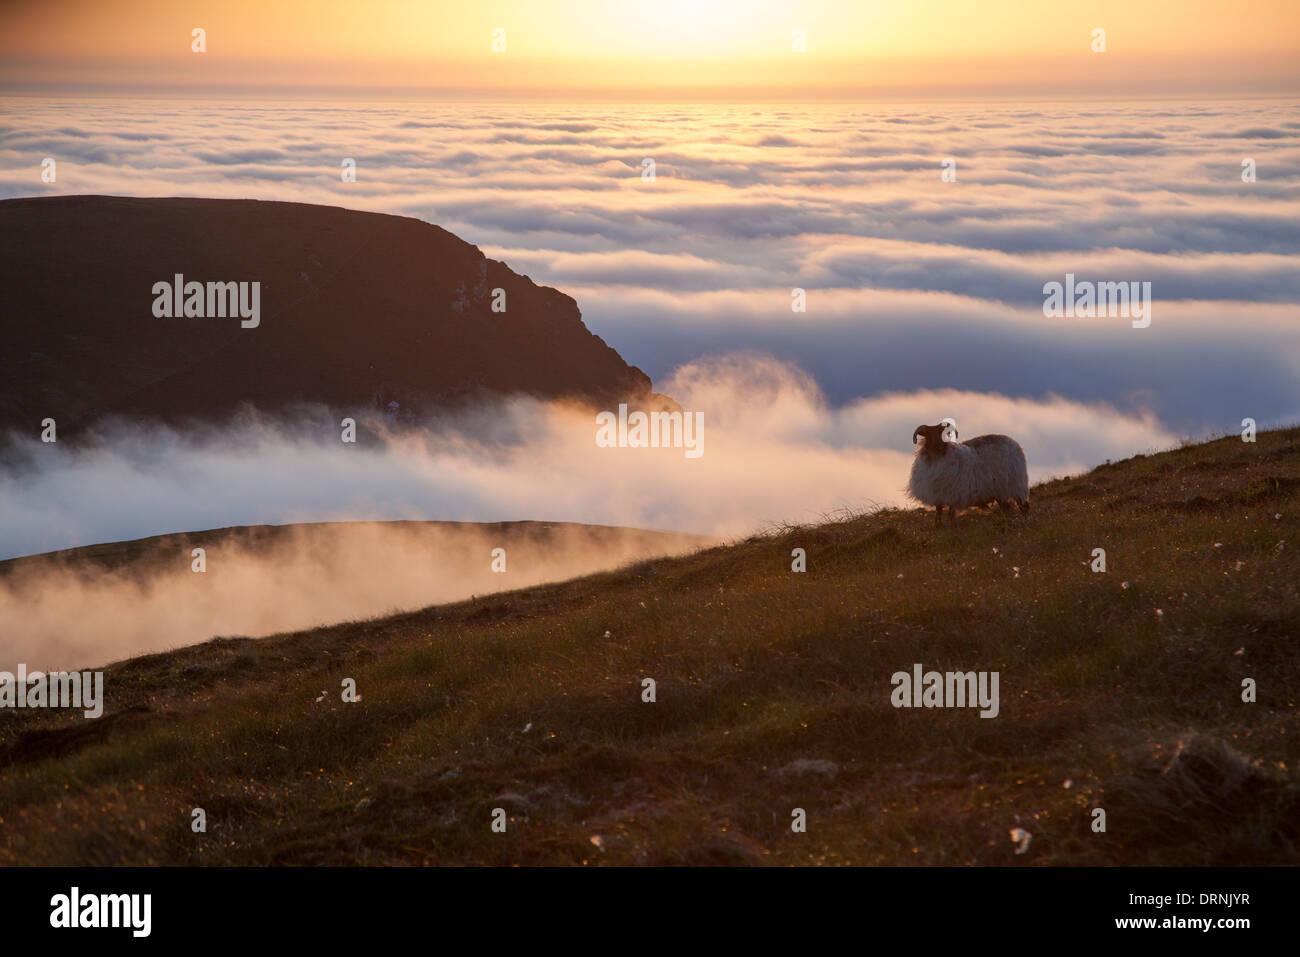 Coucher Soleil nuages et moutons, Glinsk seacliffs la montagne, nord de Mayo, dans le comté de Mayo, Irlande. Photo Stock